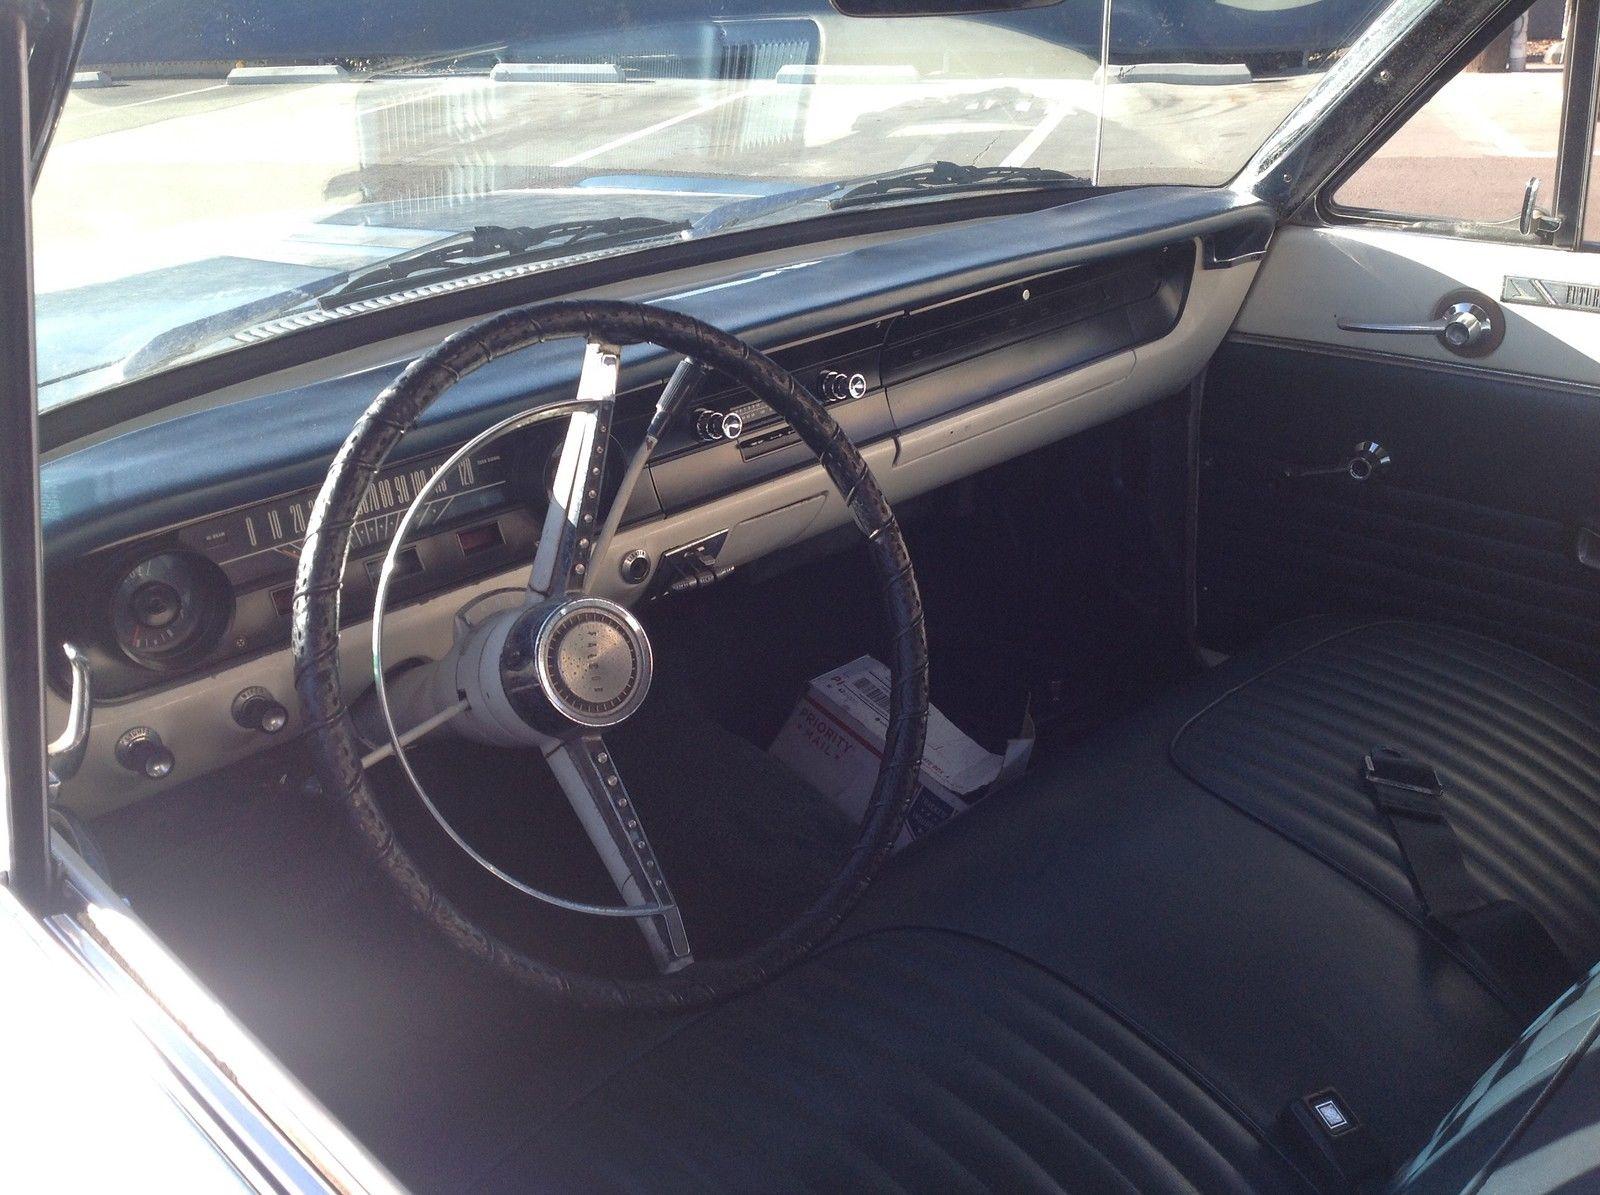 1964 Ford Falcon Futura V8 Convertible No Reserve